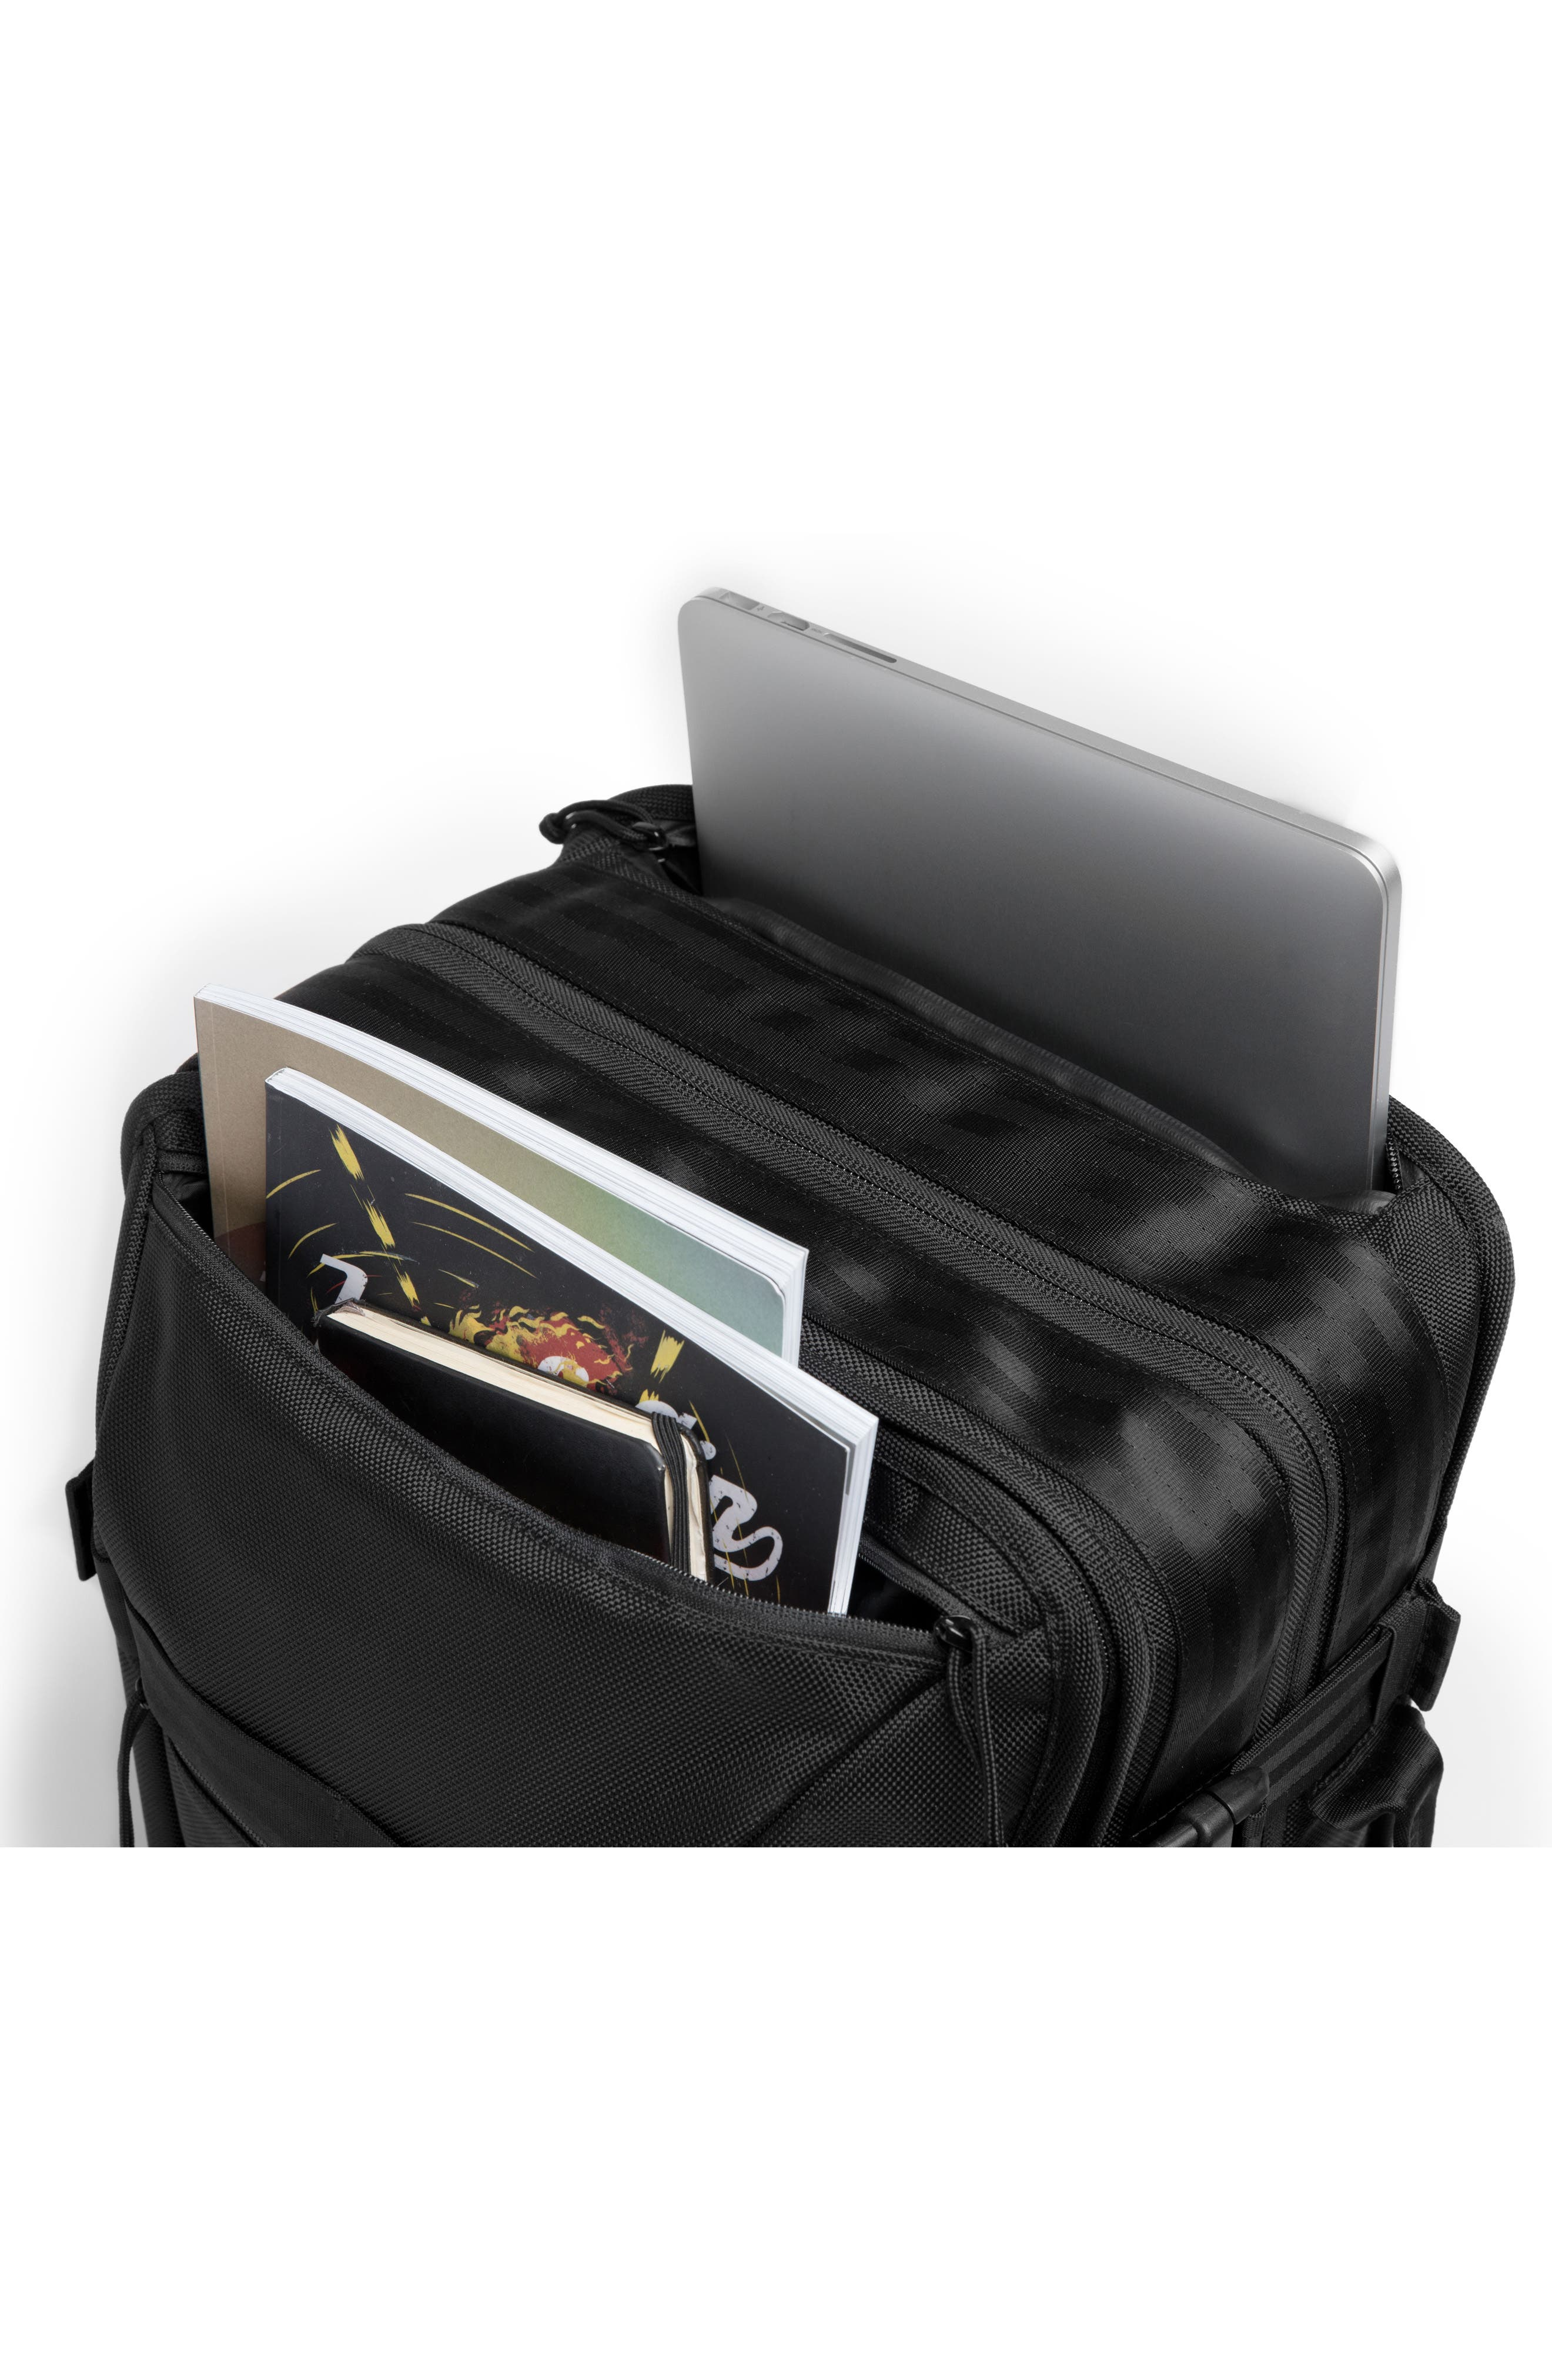 Macheto Travel Backpack,                             Alternate thumbnail 9, color,                             ALL BLACK